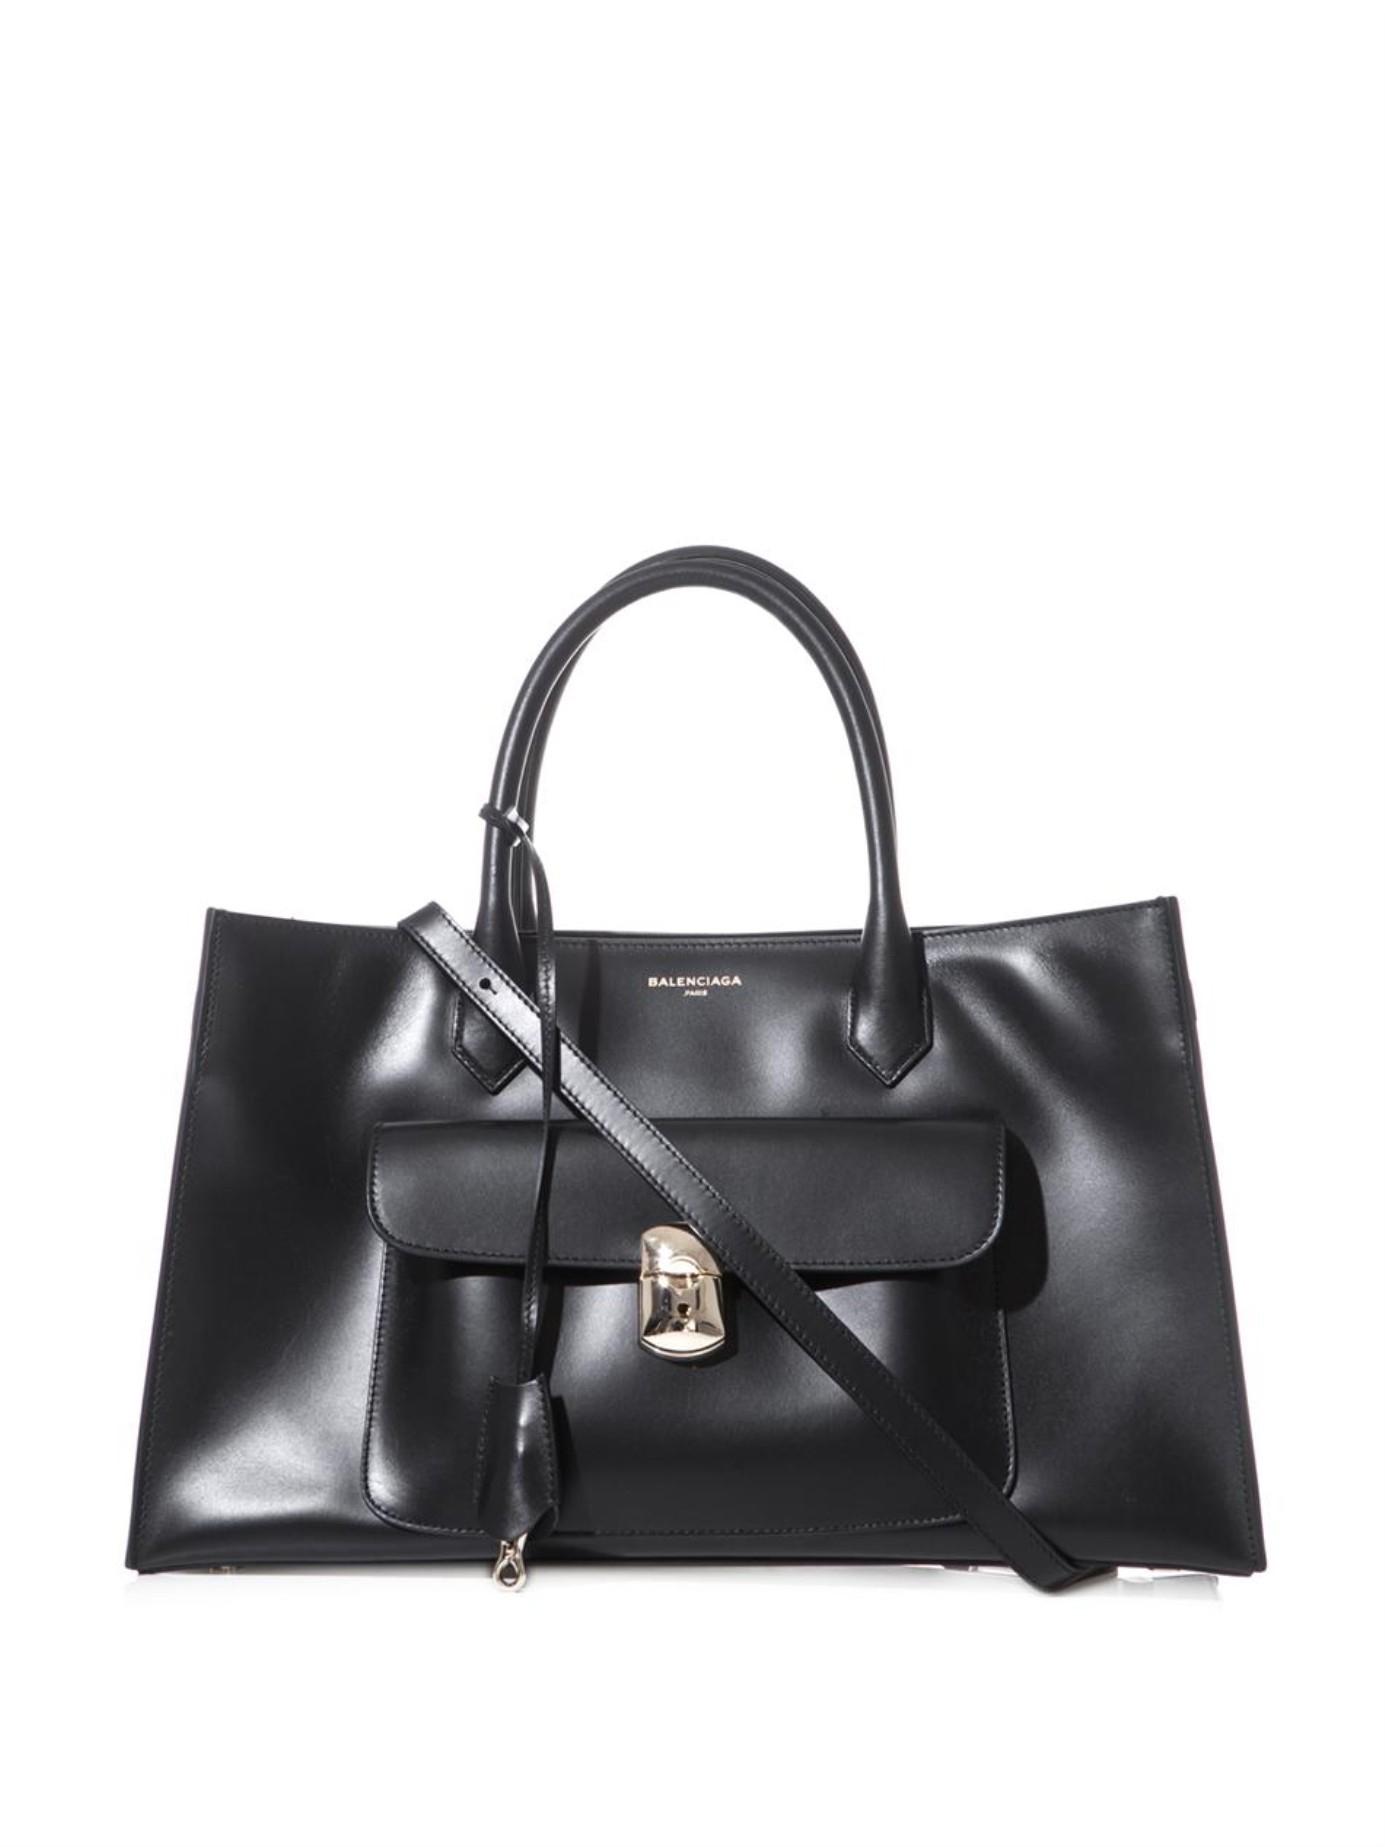 Tote Padlock Black Lyst In Large Balenciaga Work Leather WroeQCxEdB